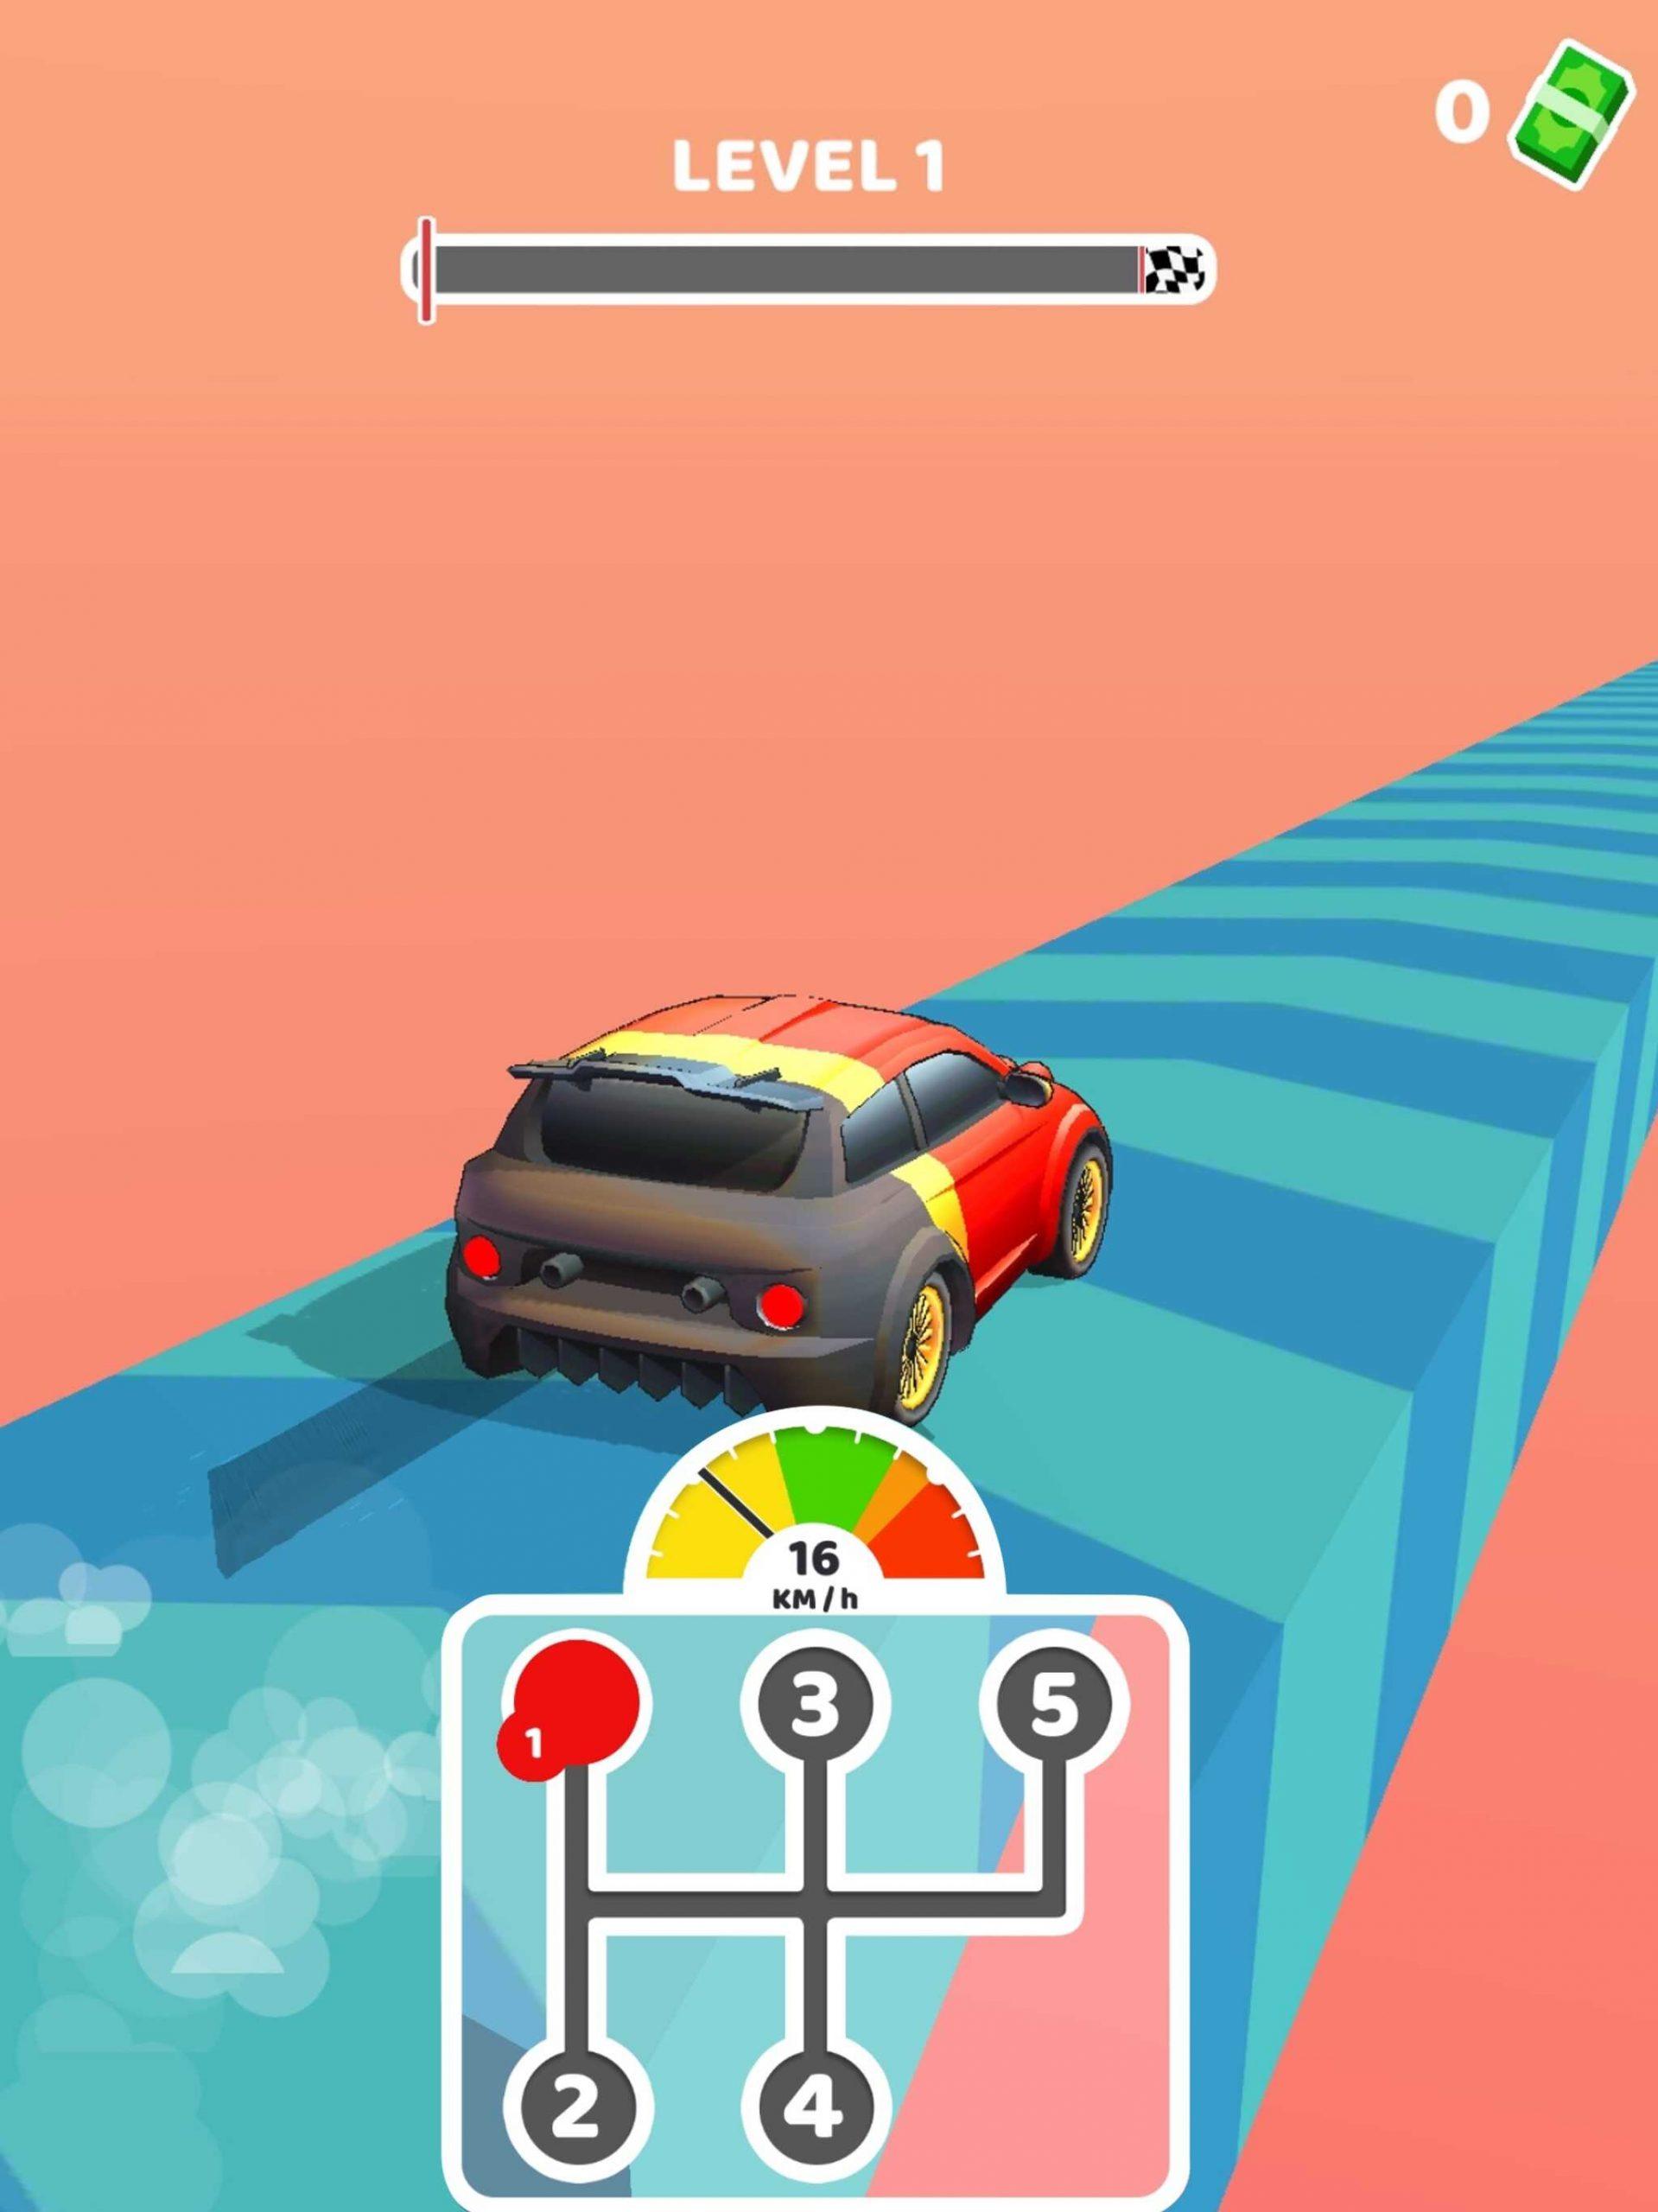 Gear Race 3Dってどんなハイパーカジュアルゲーム